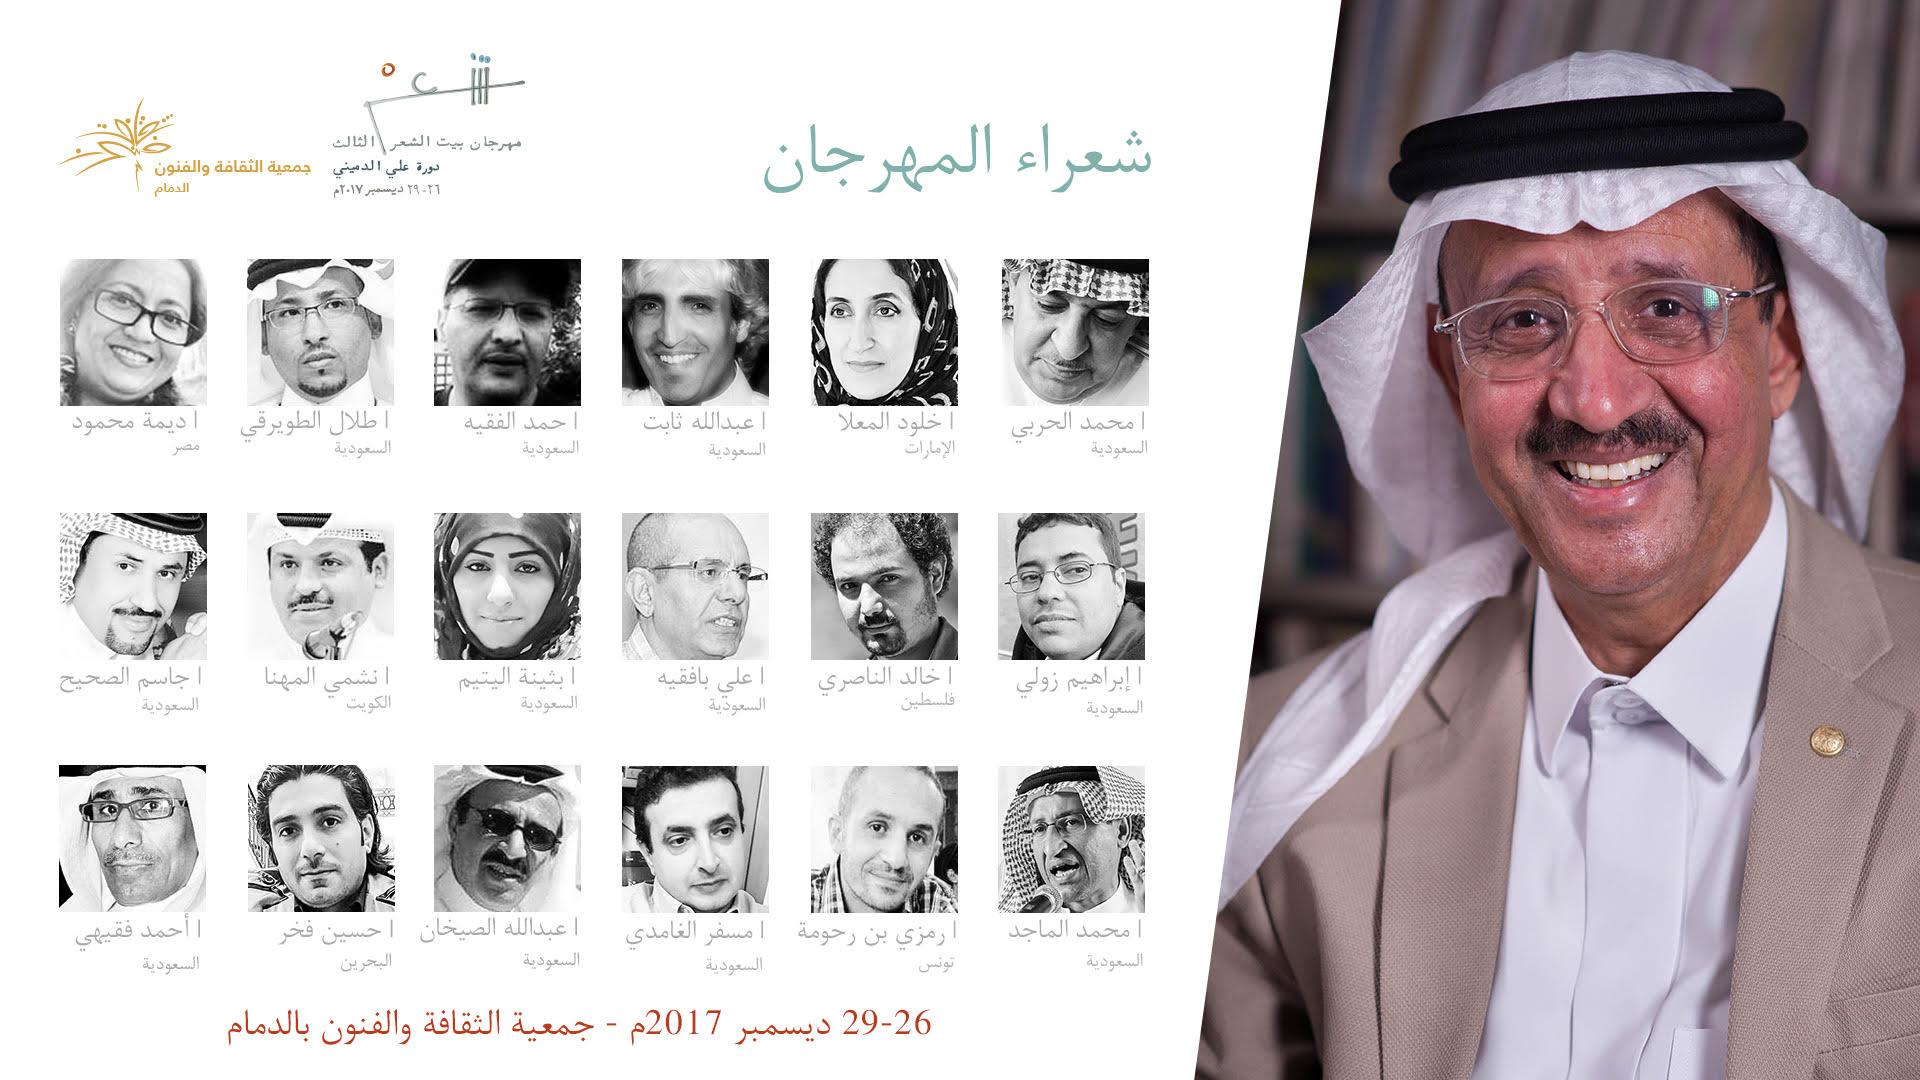 18  شاعر وشاعرة من 7 دول عربية .. في مهرجان بيت الشعر الثالث بالدمام